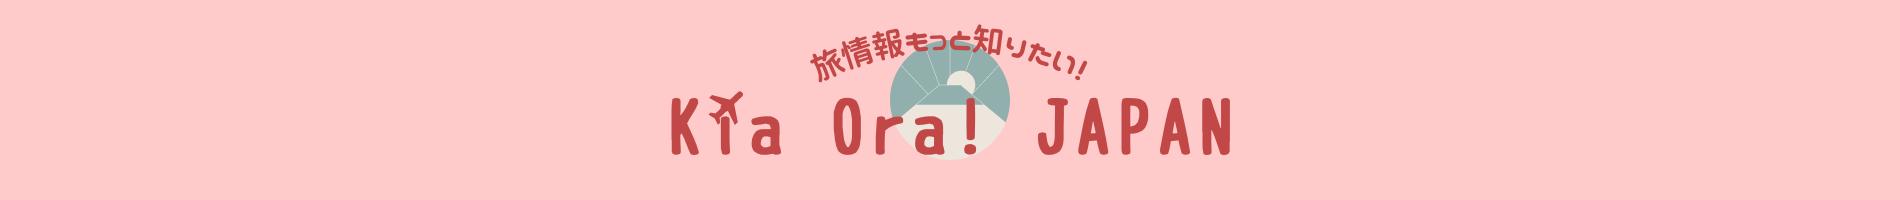 徒然!Kia Ora Japan